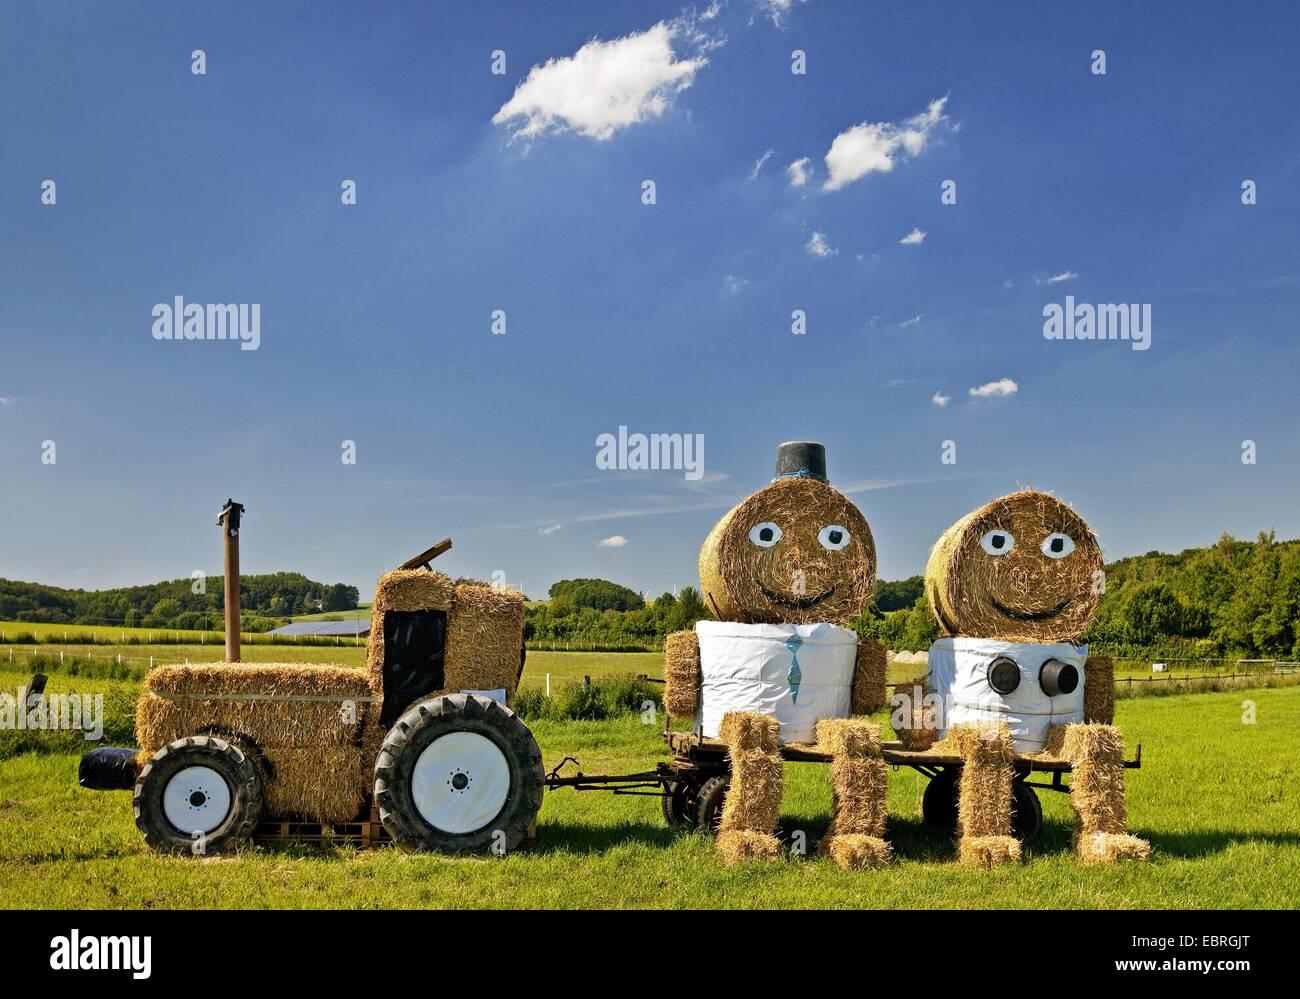 Le tracteur et un couple fait de bottes de paille, de l'Allemagne, en Rhénanie du Nord-Westphalie, Coesfeld Photo Stock